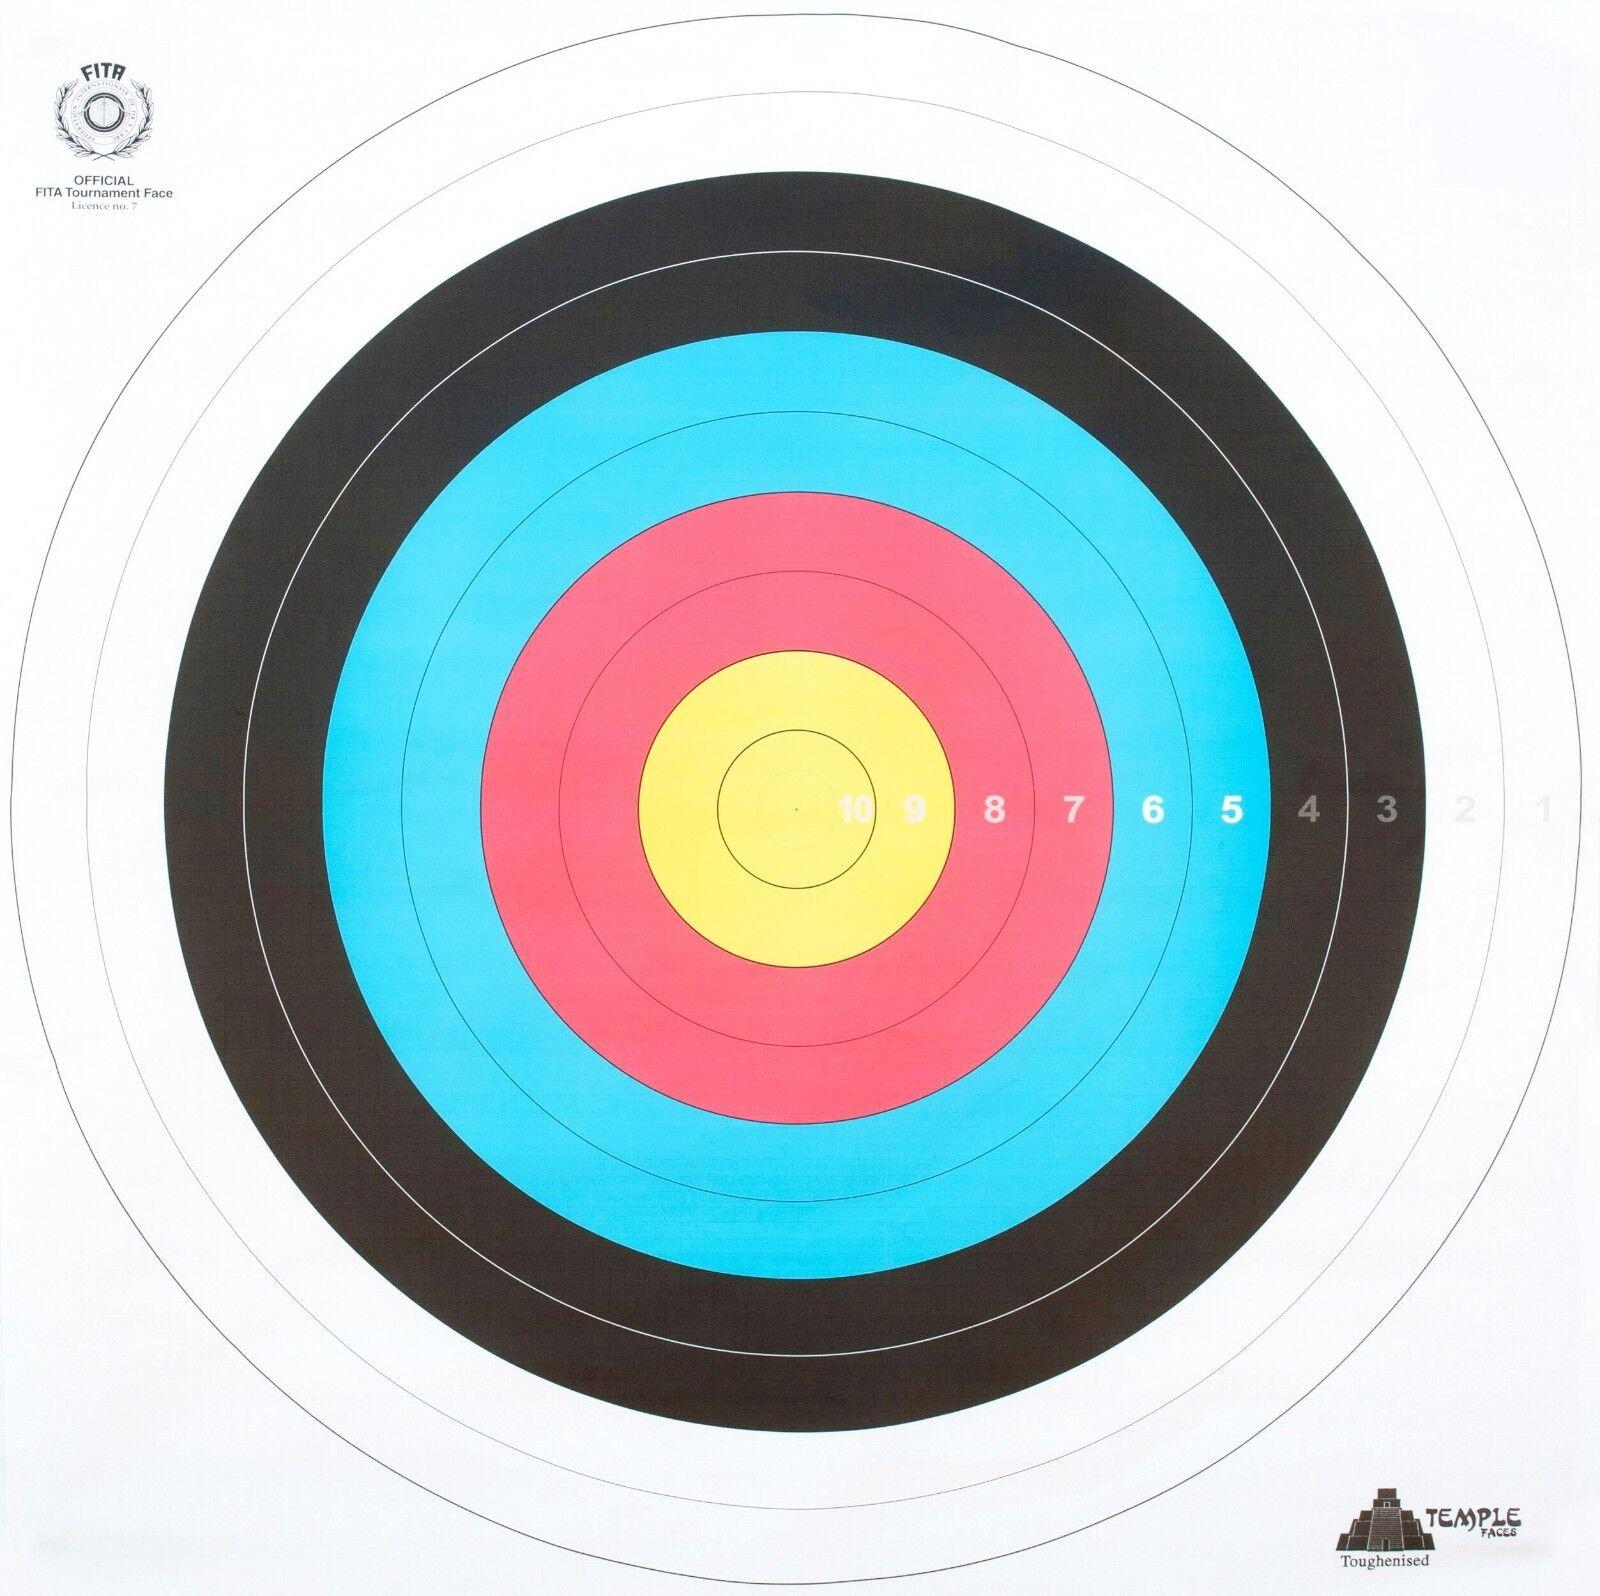 Jeu de 12 cibles anglaises en papier renforcé l'arc pour tir à l'arc renforcé -Dimensions 60x60 ceace2